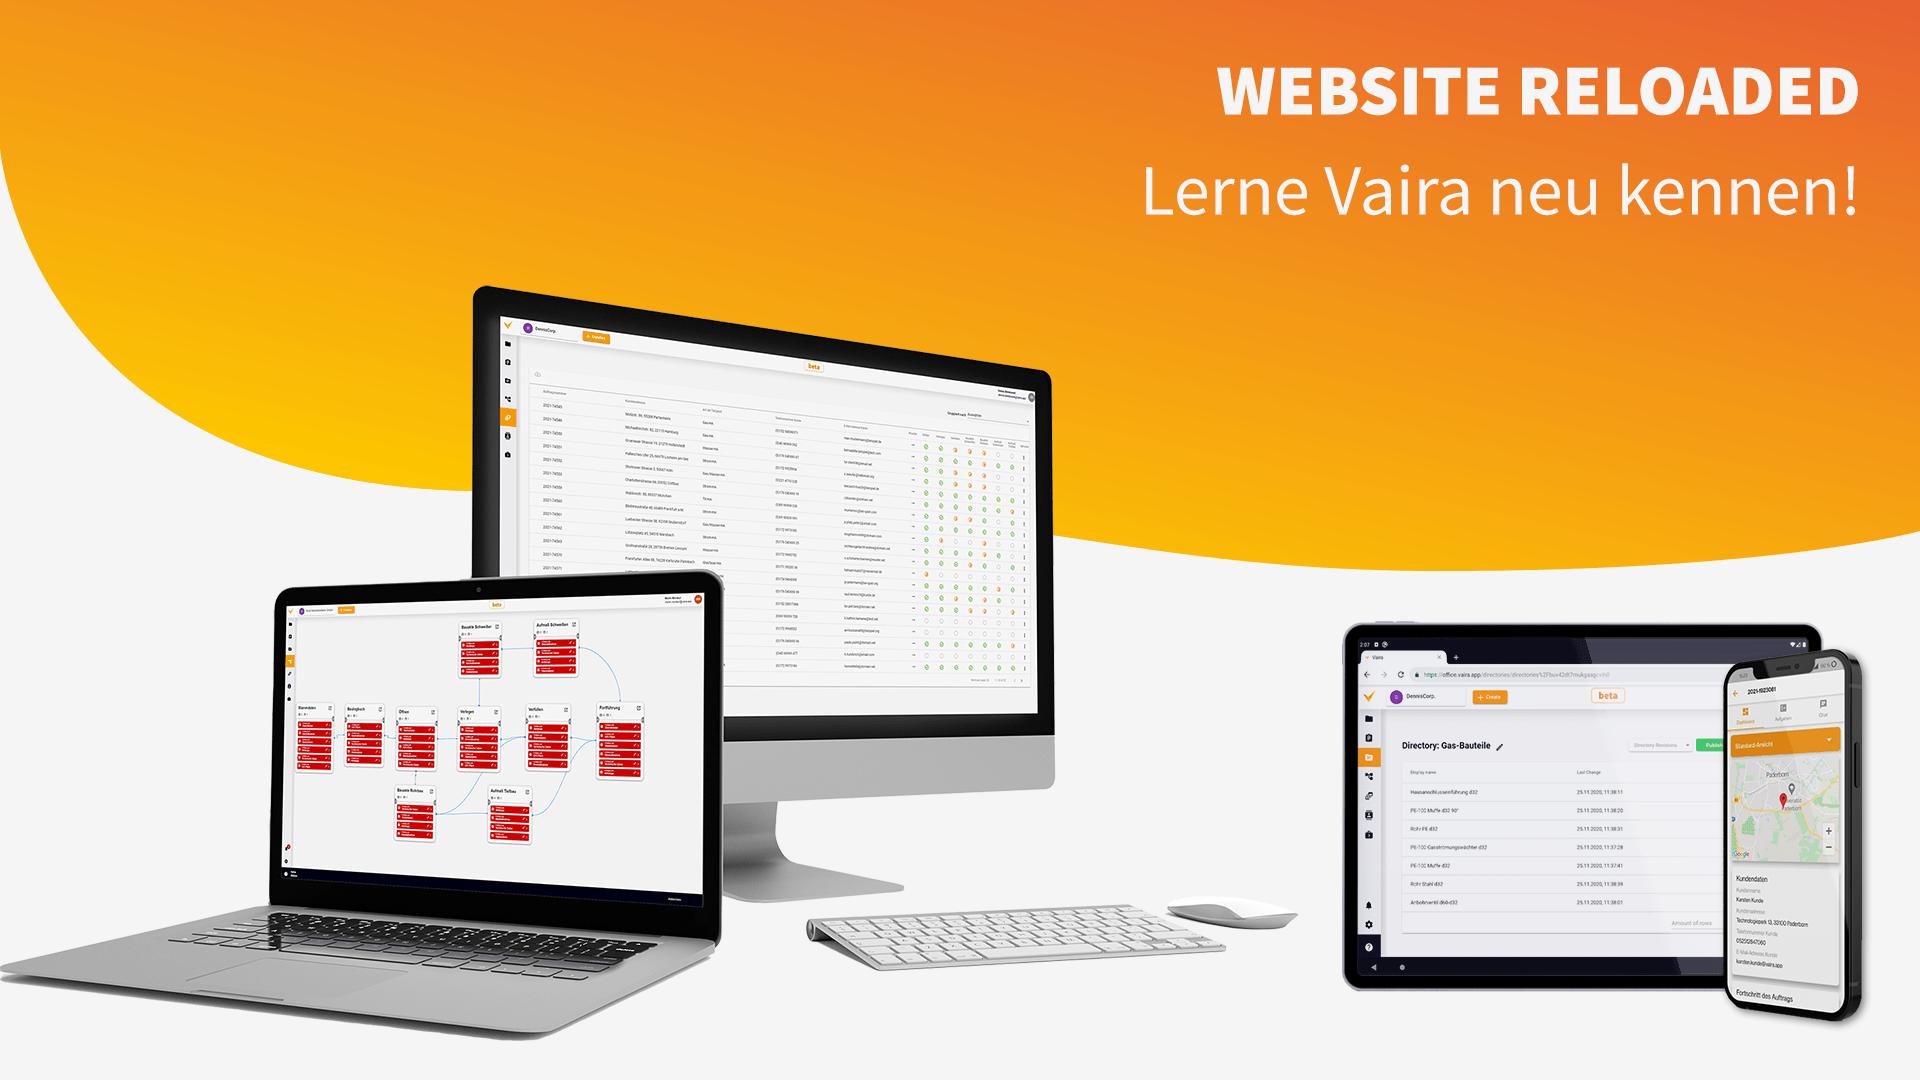 Mit der neuen Vaira-Website legen wir den Fokus mehr auf die Features von Vaira. Egal ob Computer, Smartphone oder Tablet: mit Vaira kannst du deine Bauprozesse digitalisieren und per Augmented Reality vermessen.